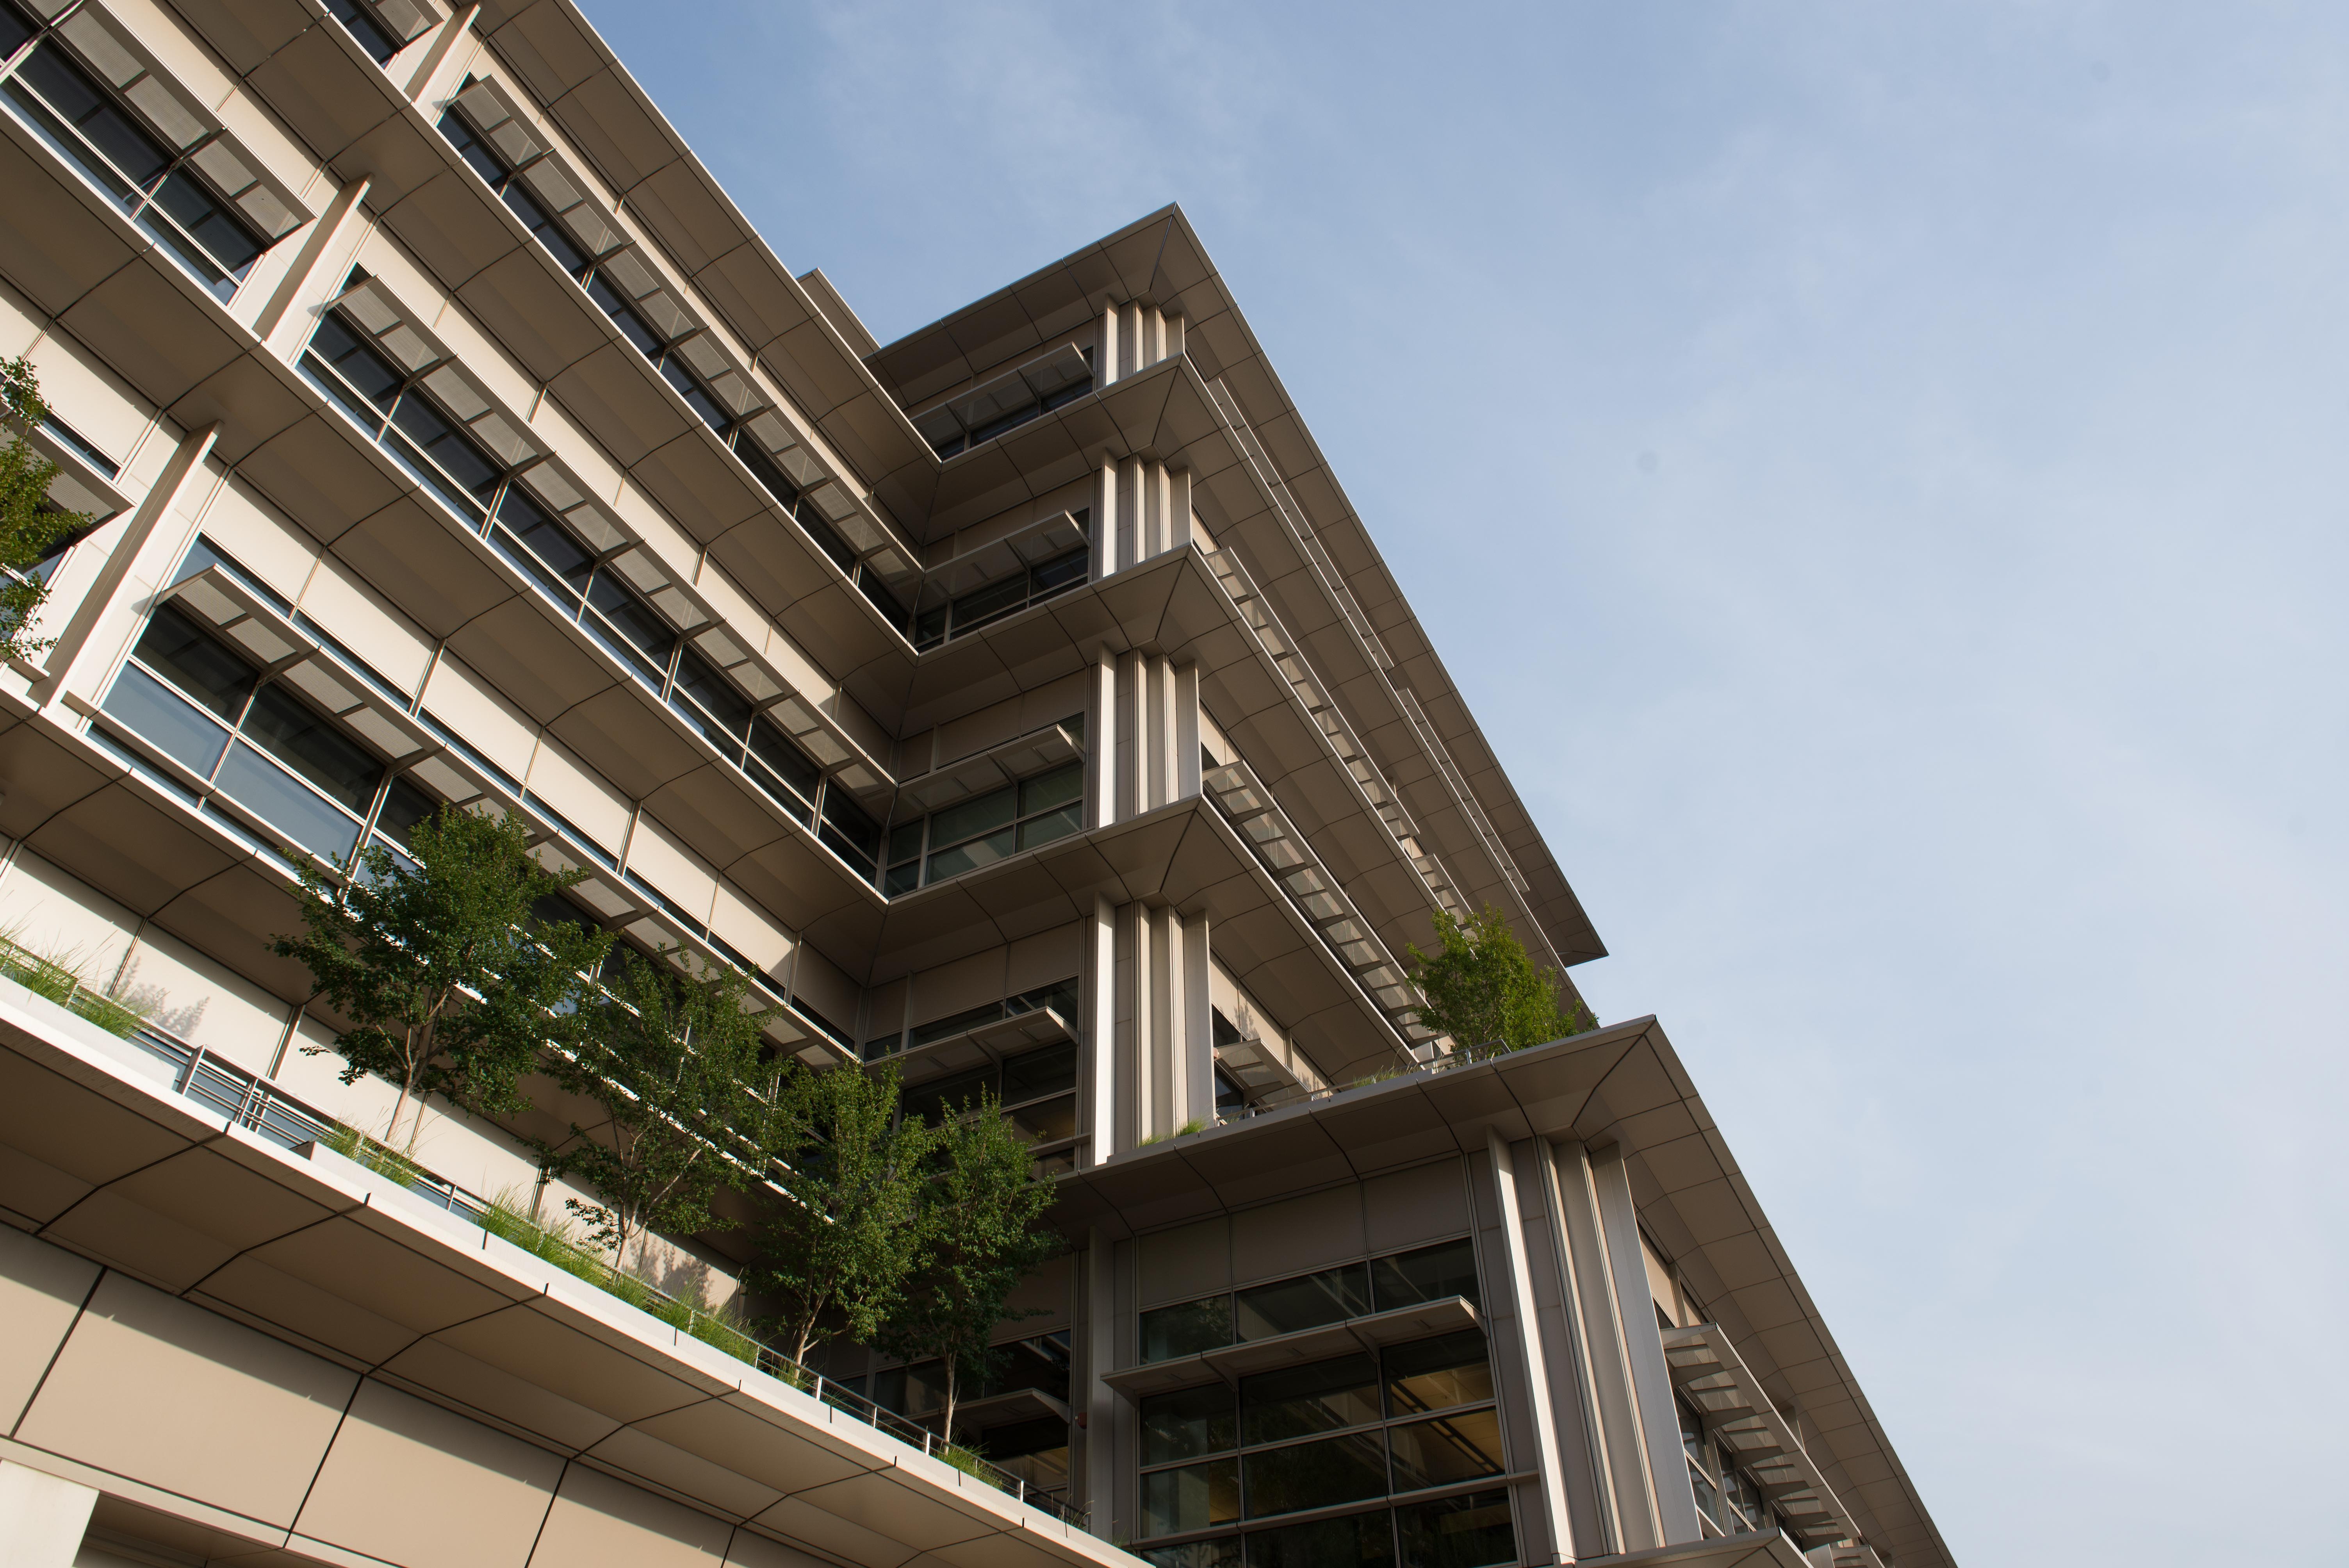 Architecture-25.jpg